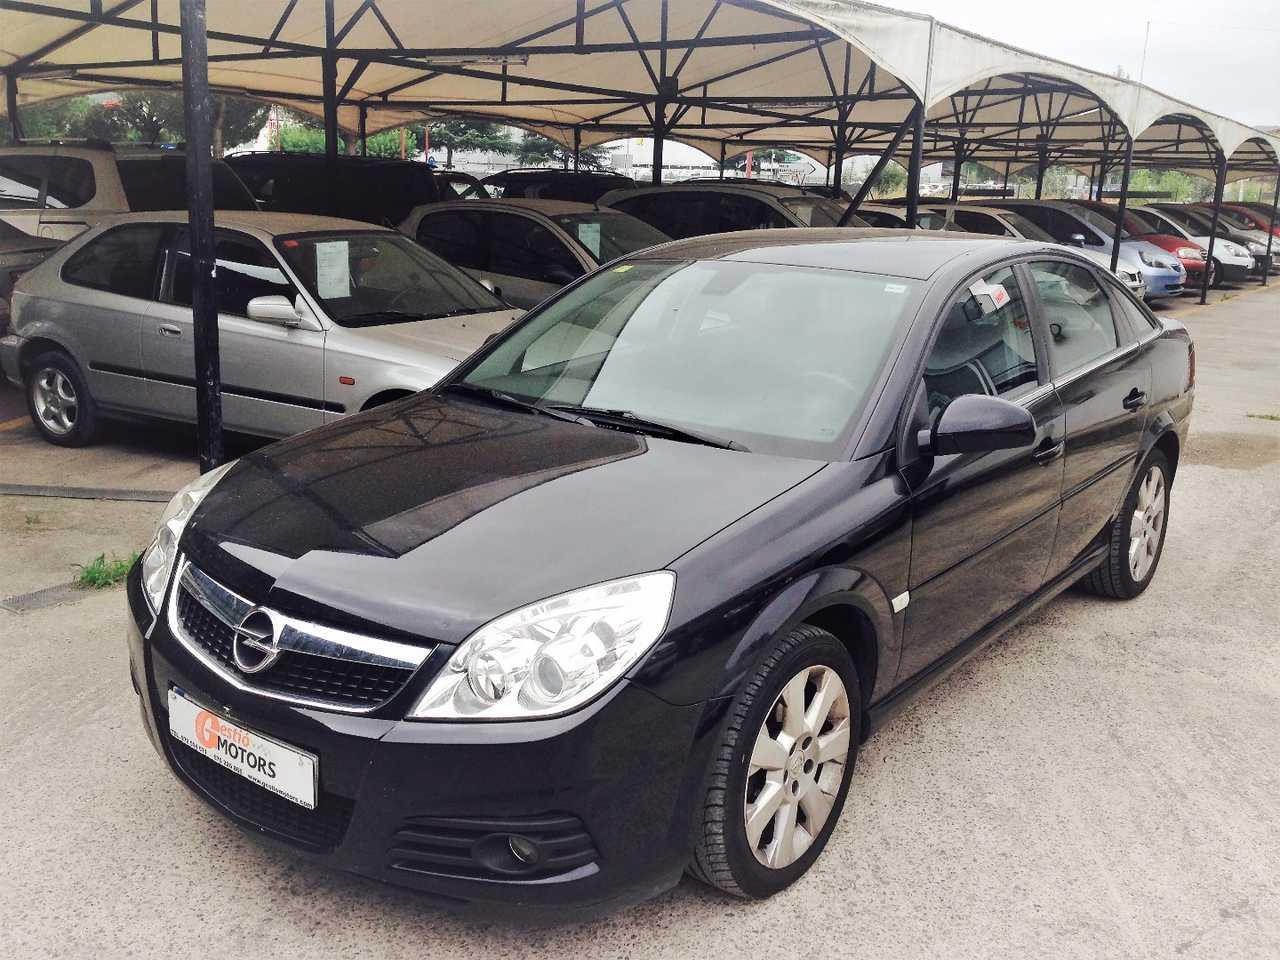 Opel Vectra 1.9 CDTI   - Foto 1